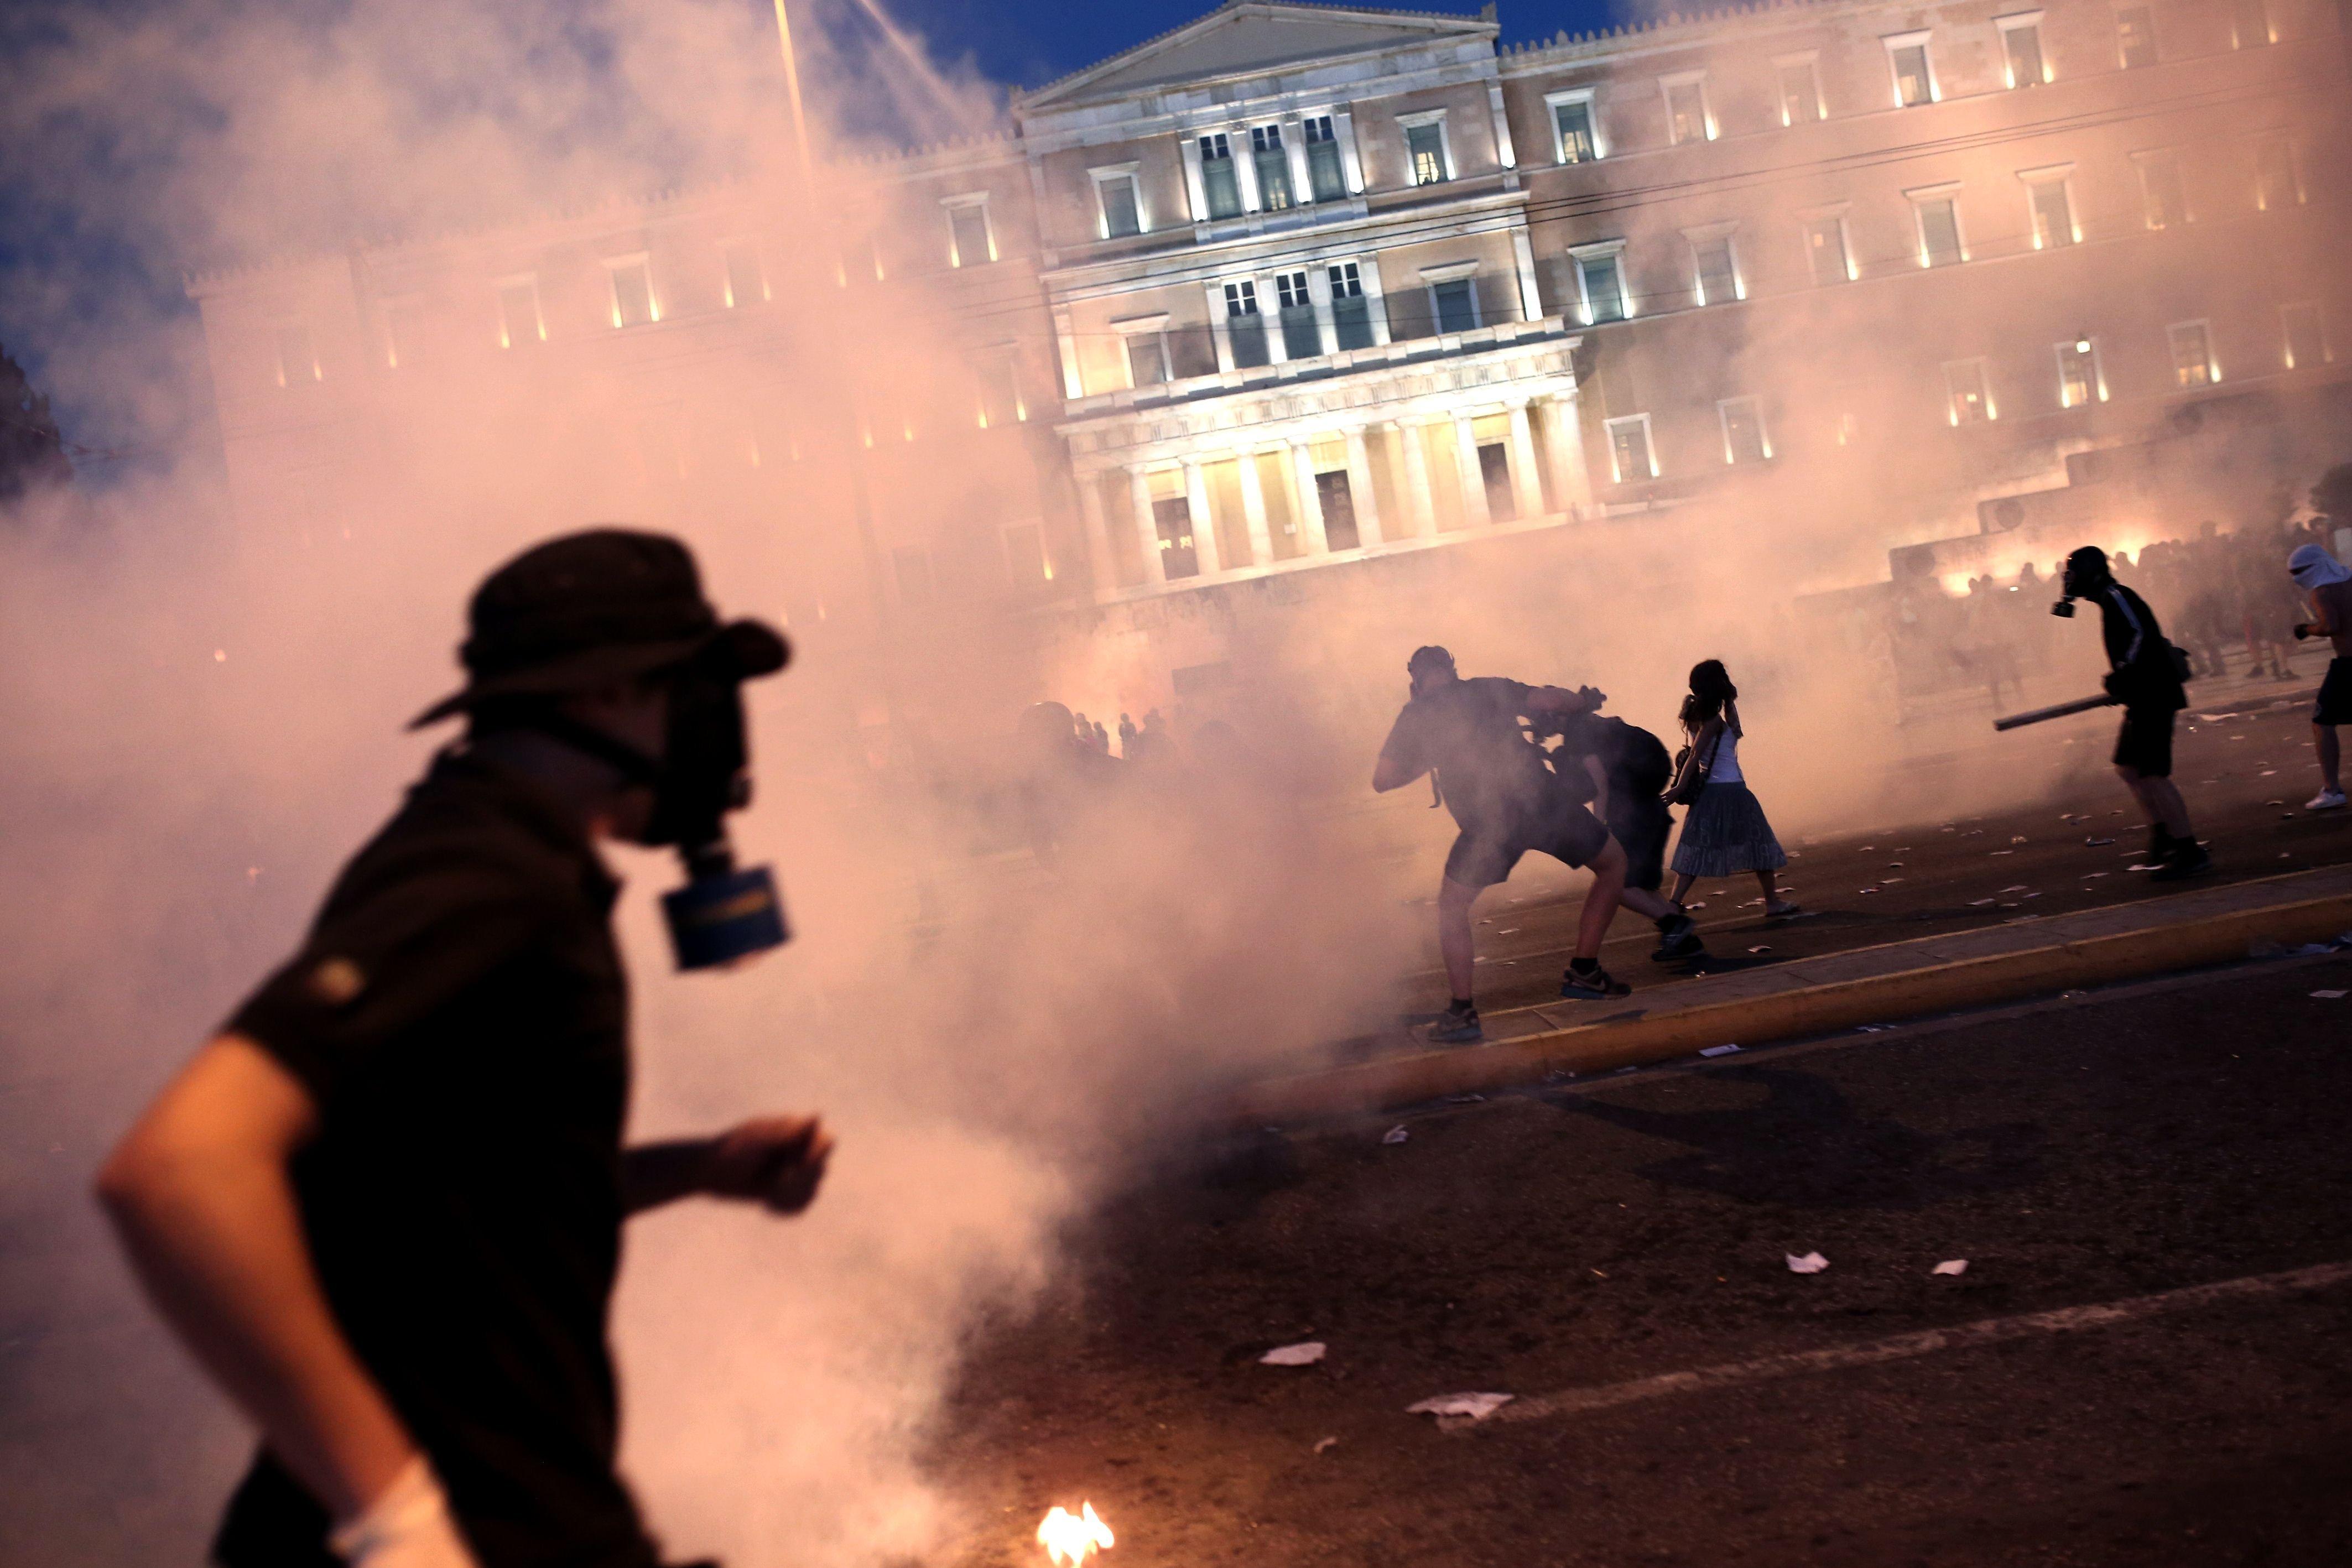 Узбечка по вызову метро большевиков 13 фотография